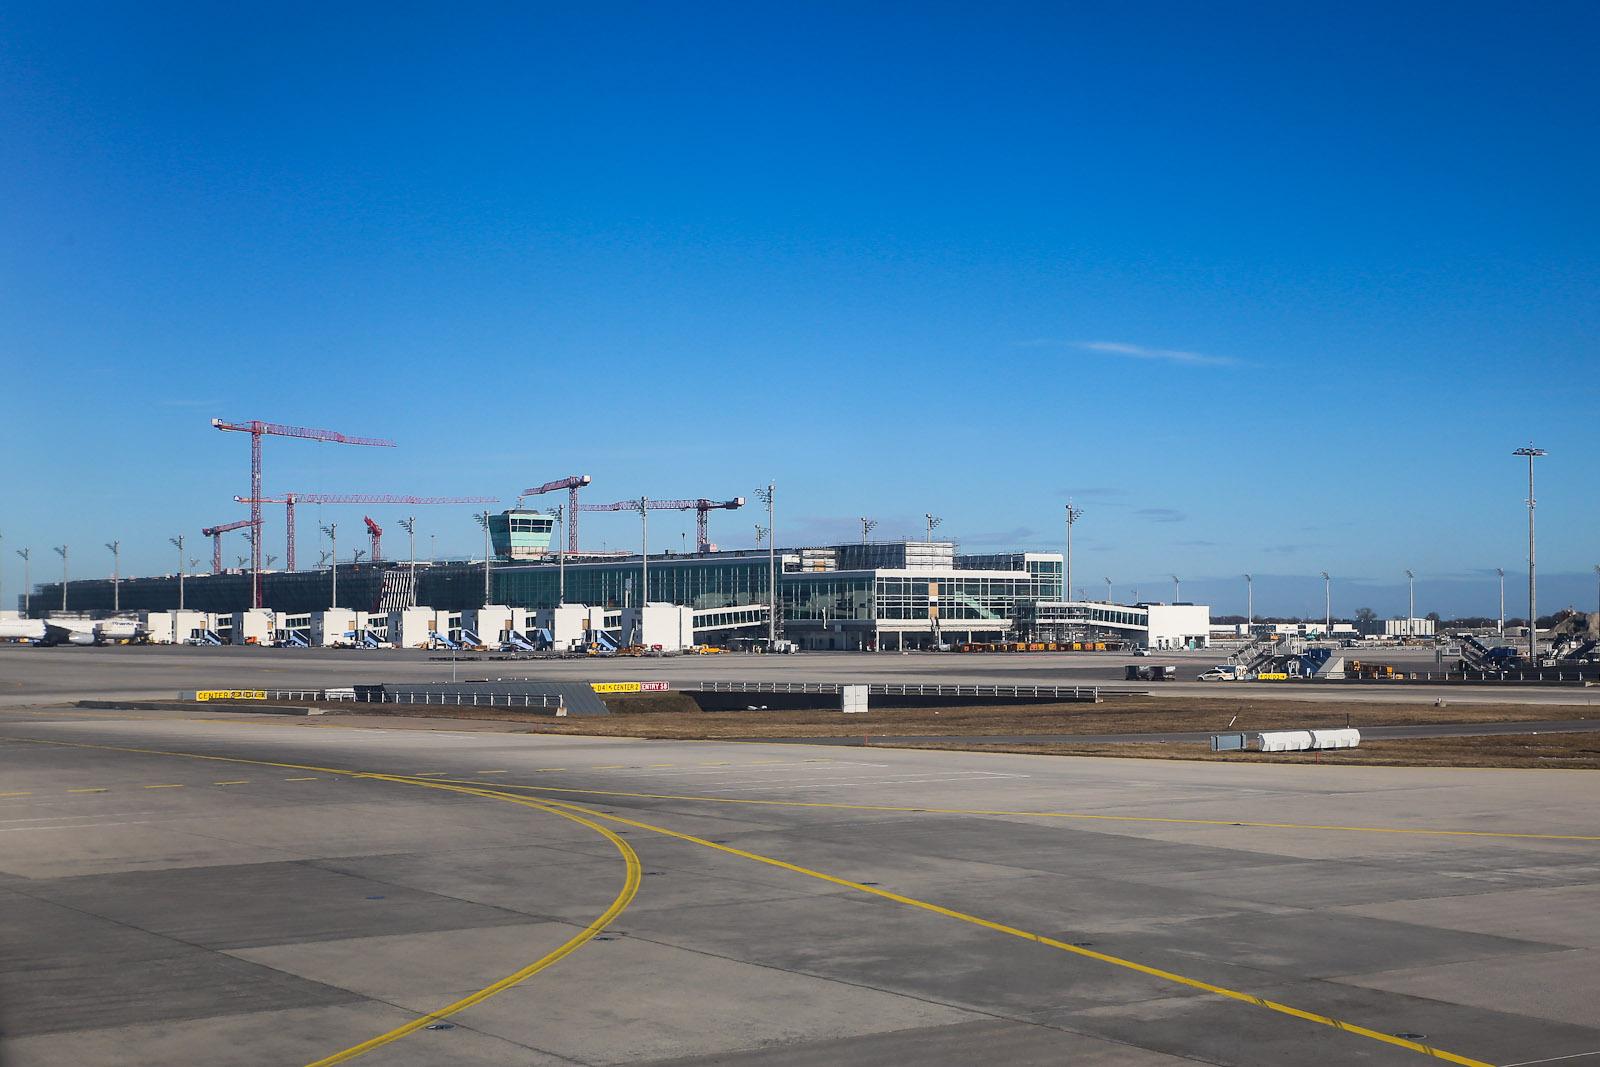 Строящийся новый терминал в аэропорту Мюнхен